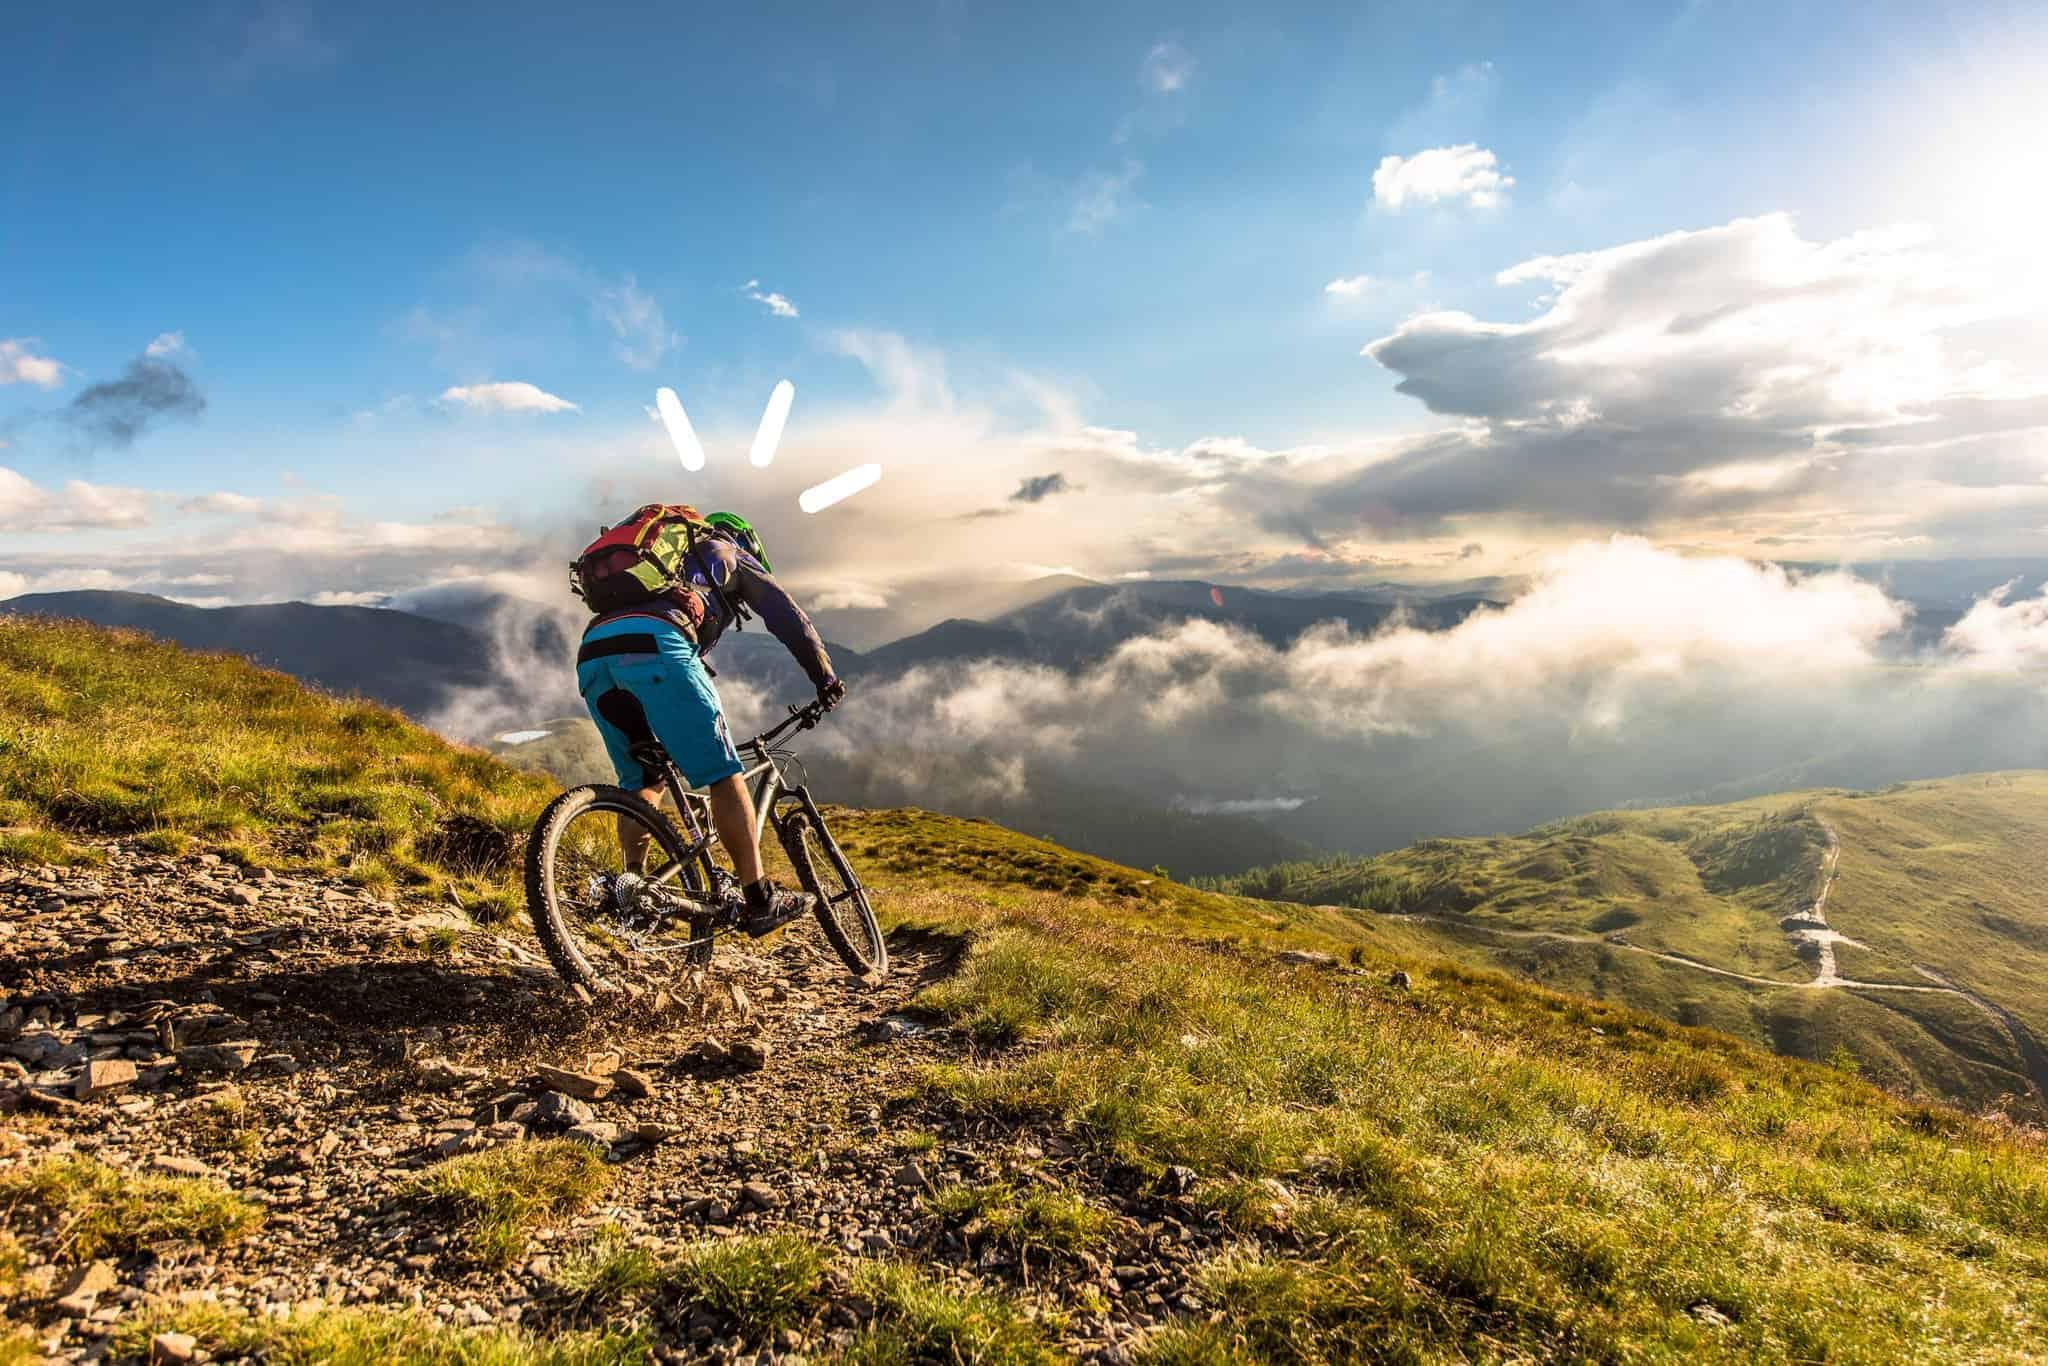 Mountainbiker in Bad Kleinkirchheim mit Blick auf Nockberge